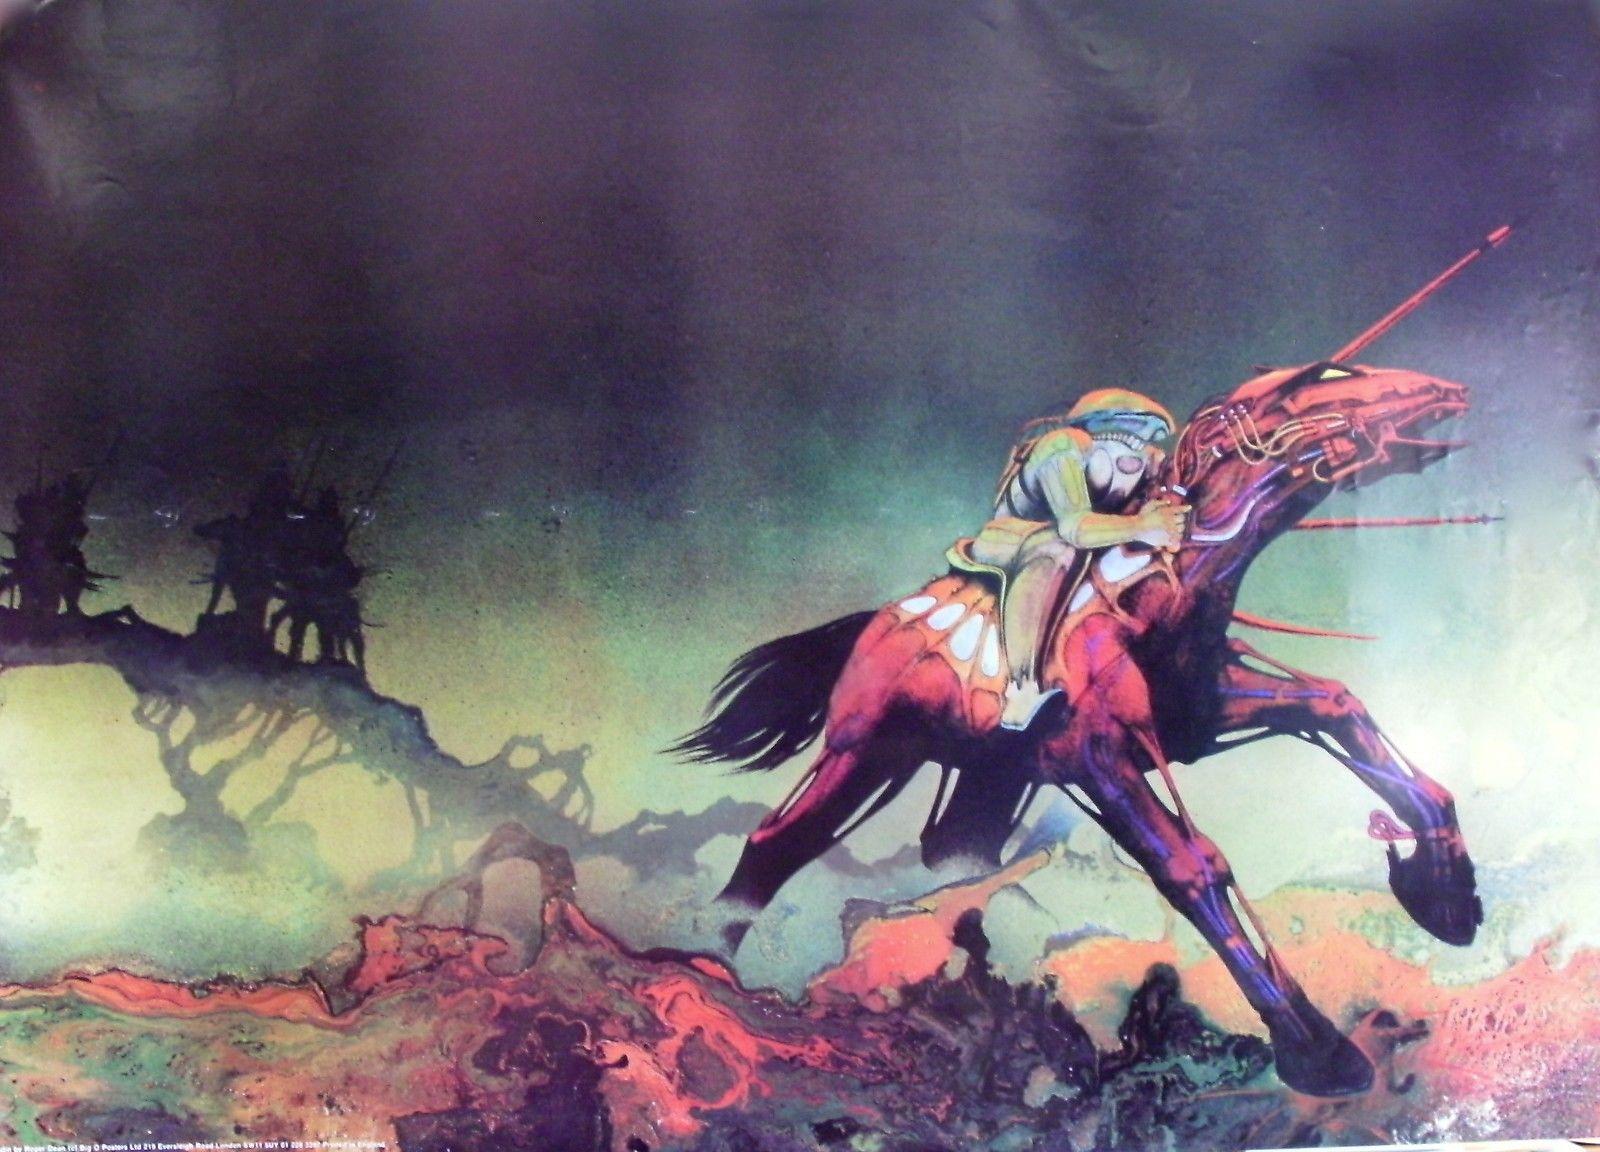 PALADIN (1972) – Roger Dean